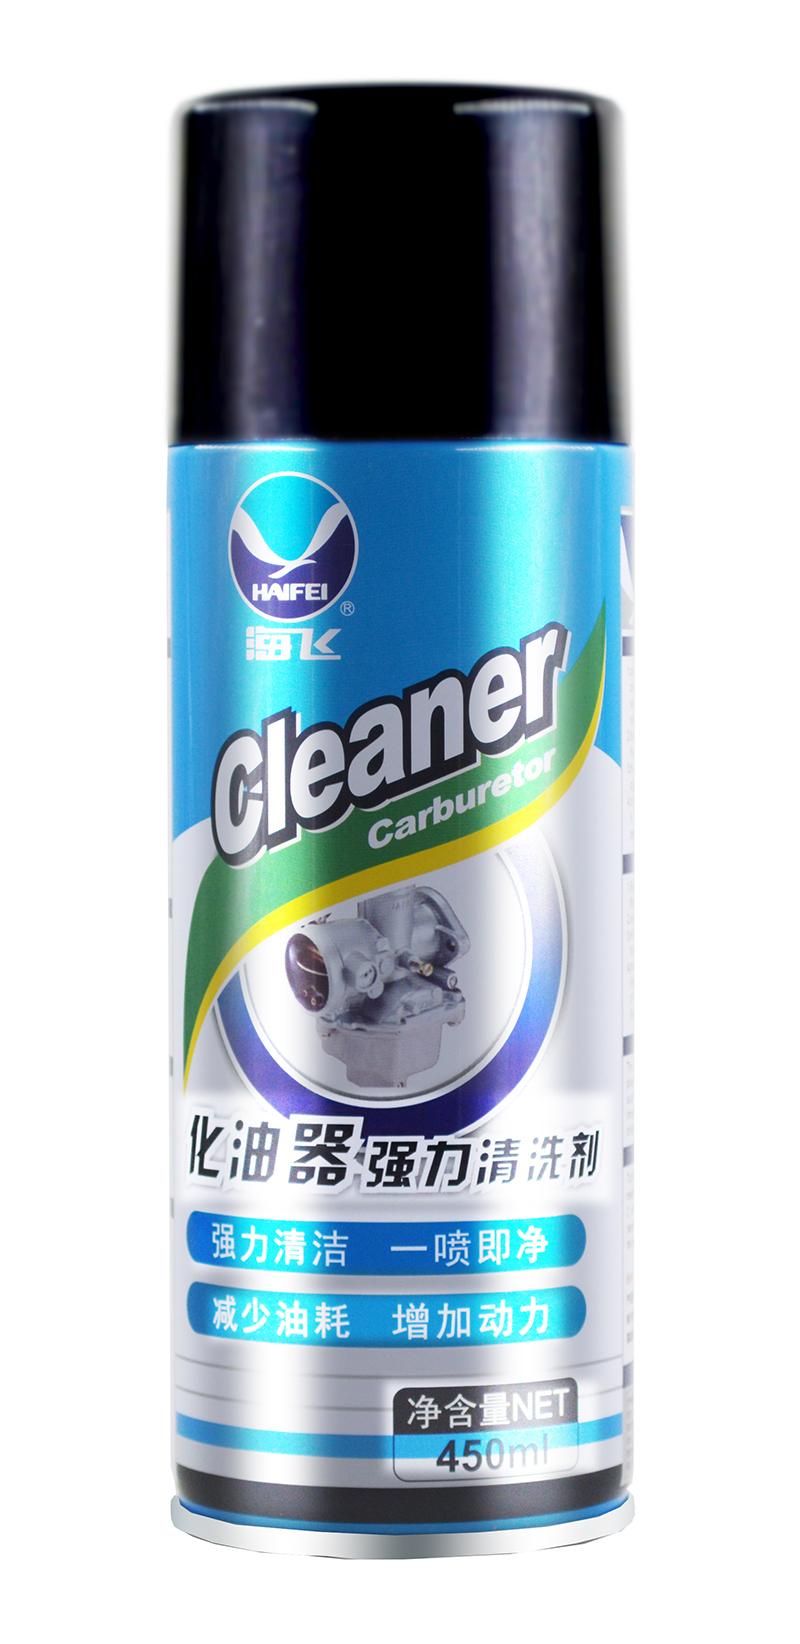 海飞化油器清洗剂